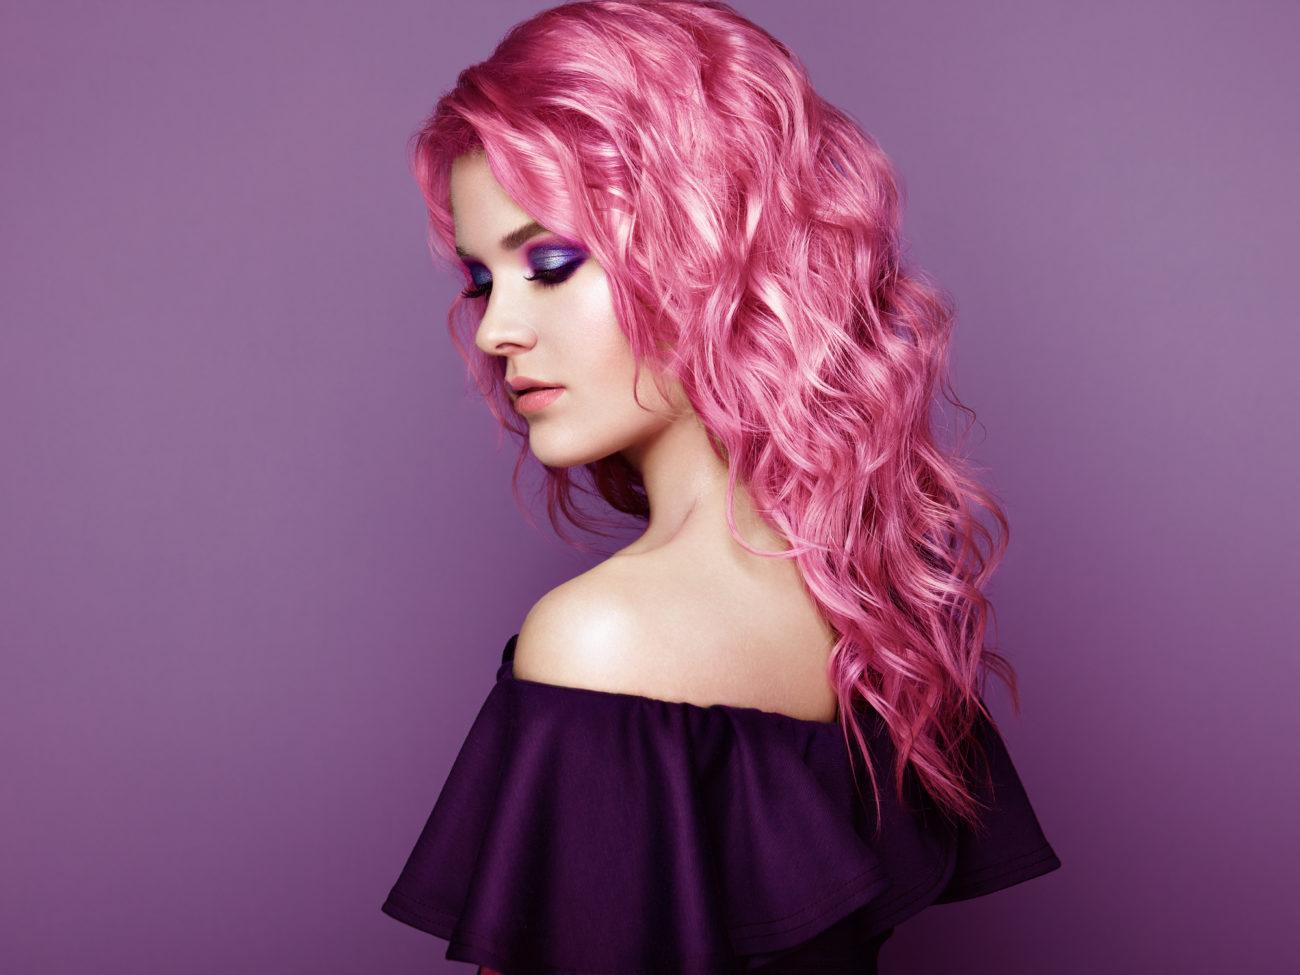 rosa Haare super stilvoll und angesagt